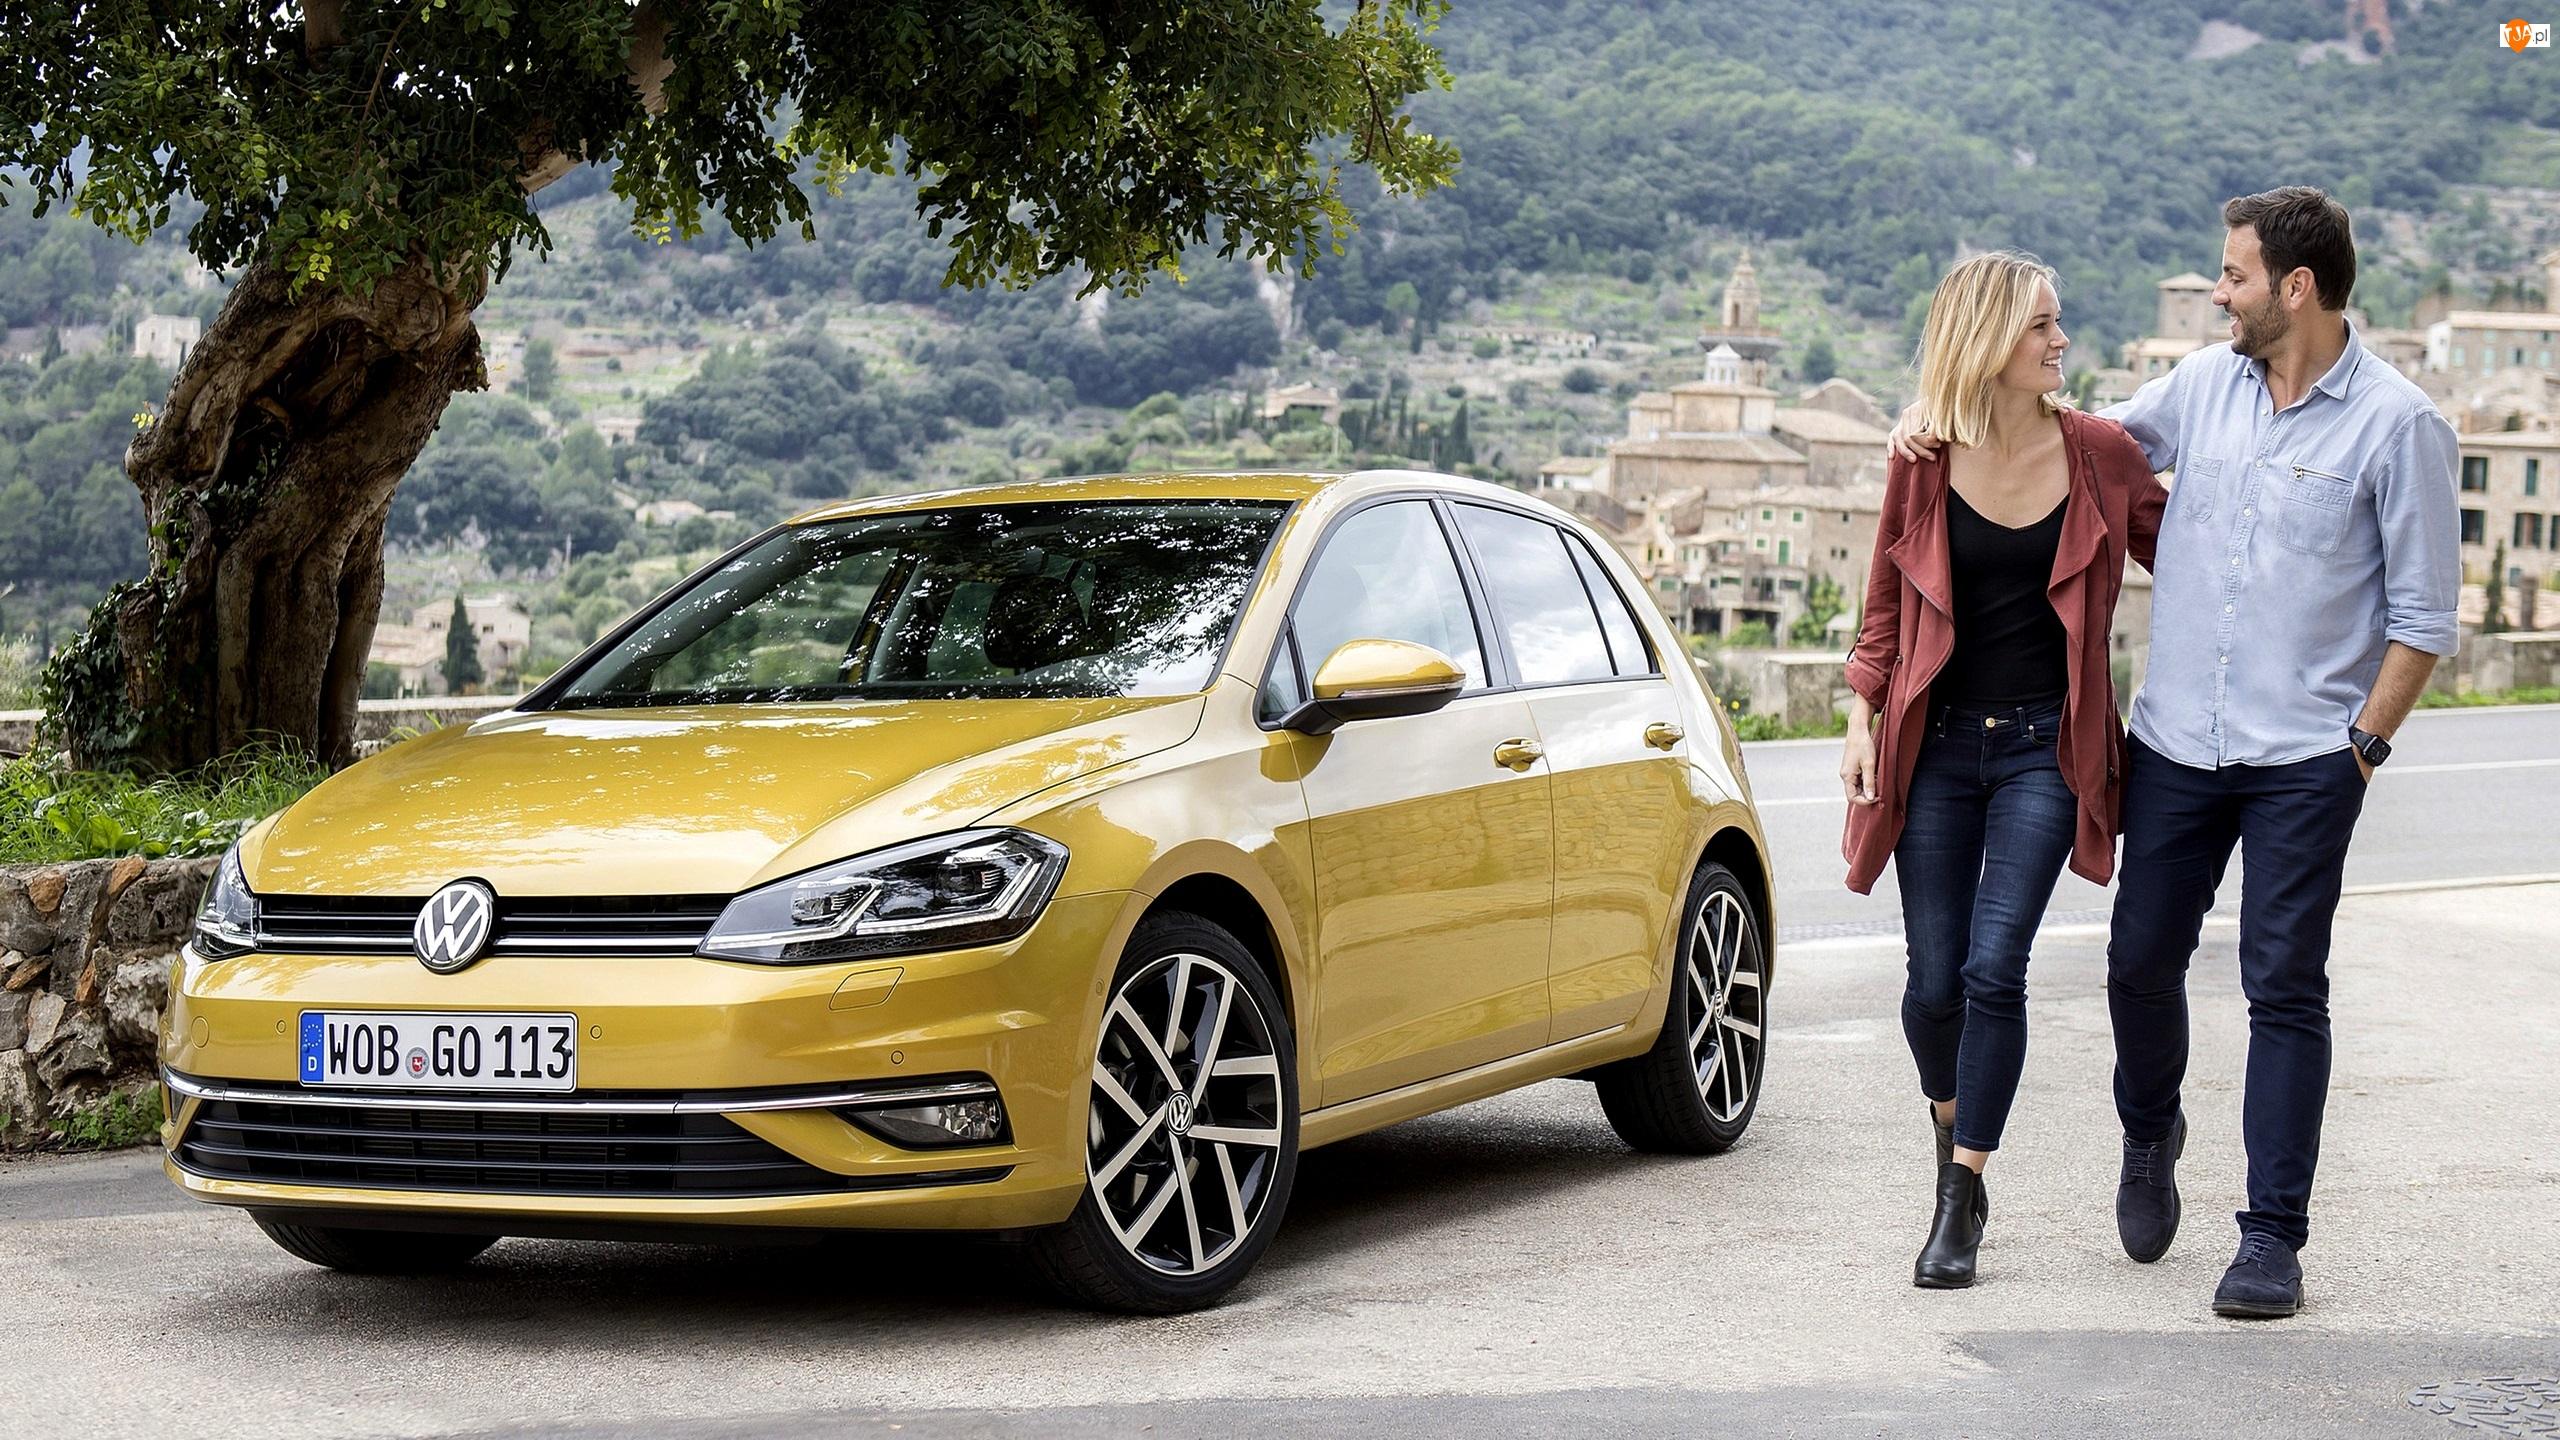 Facelift, Volkswagen Golf 7, Droga, Mężczyzna, 2017, Kobieta